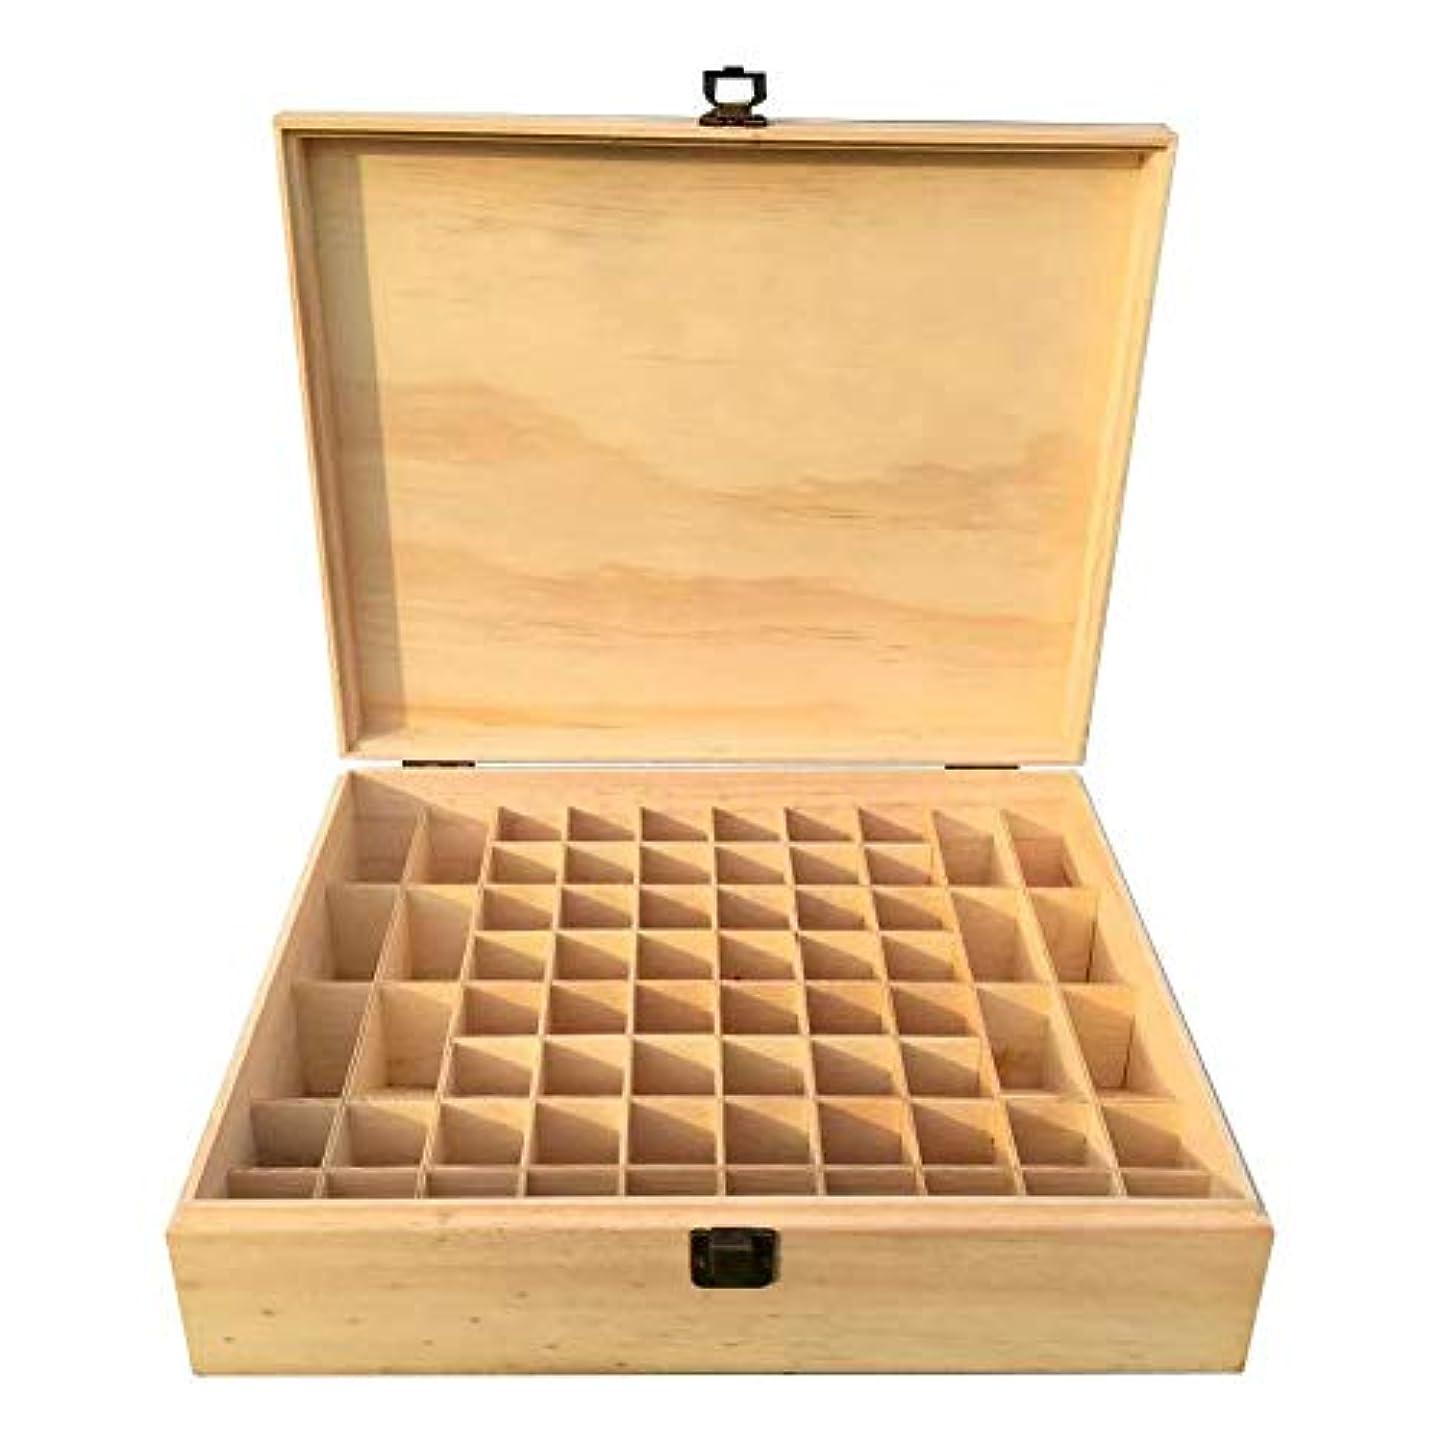 静かに偶然フロントKeytowards 68グリッド木製エッセンシャルオイルボックス、エッセンシャルオイルオーガナイザー収納ボックスケースディスプレイホールド、68コンパートメント、5-15mlエッセンシャルオイルボトル用